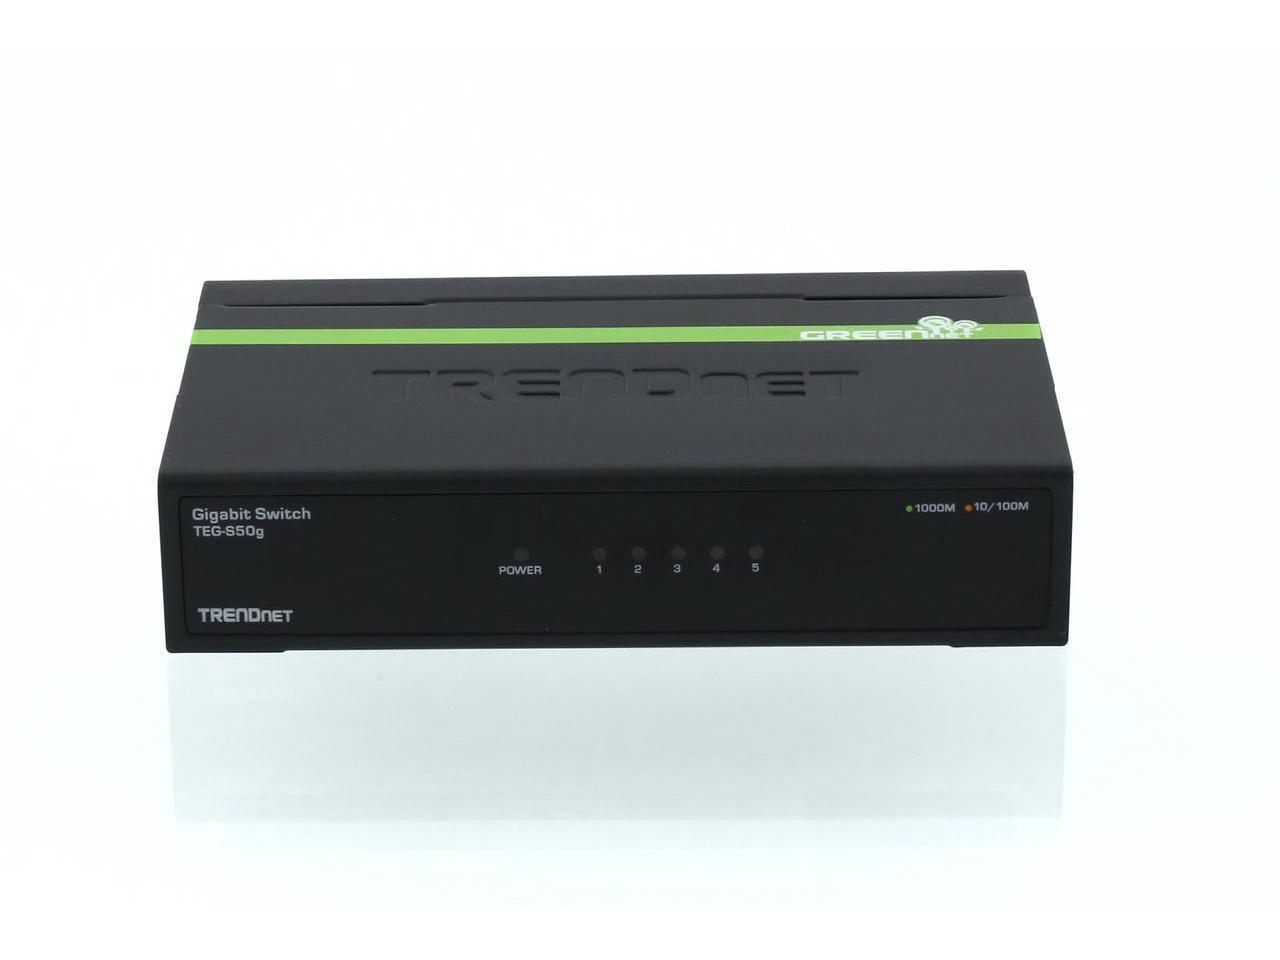 TRENDnet TEG-S50G 5-Port Gigabit GREENnet Switch, Lifetime Wty $13AC @Newegg